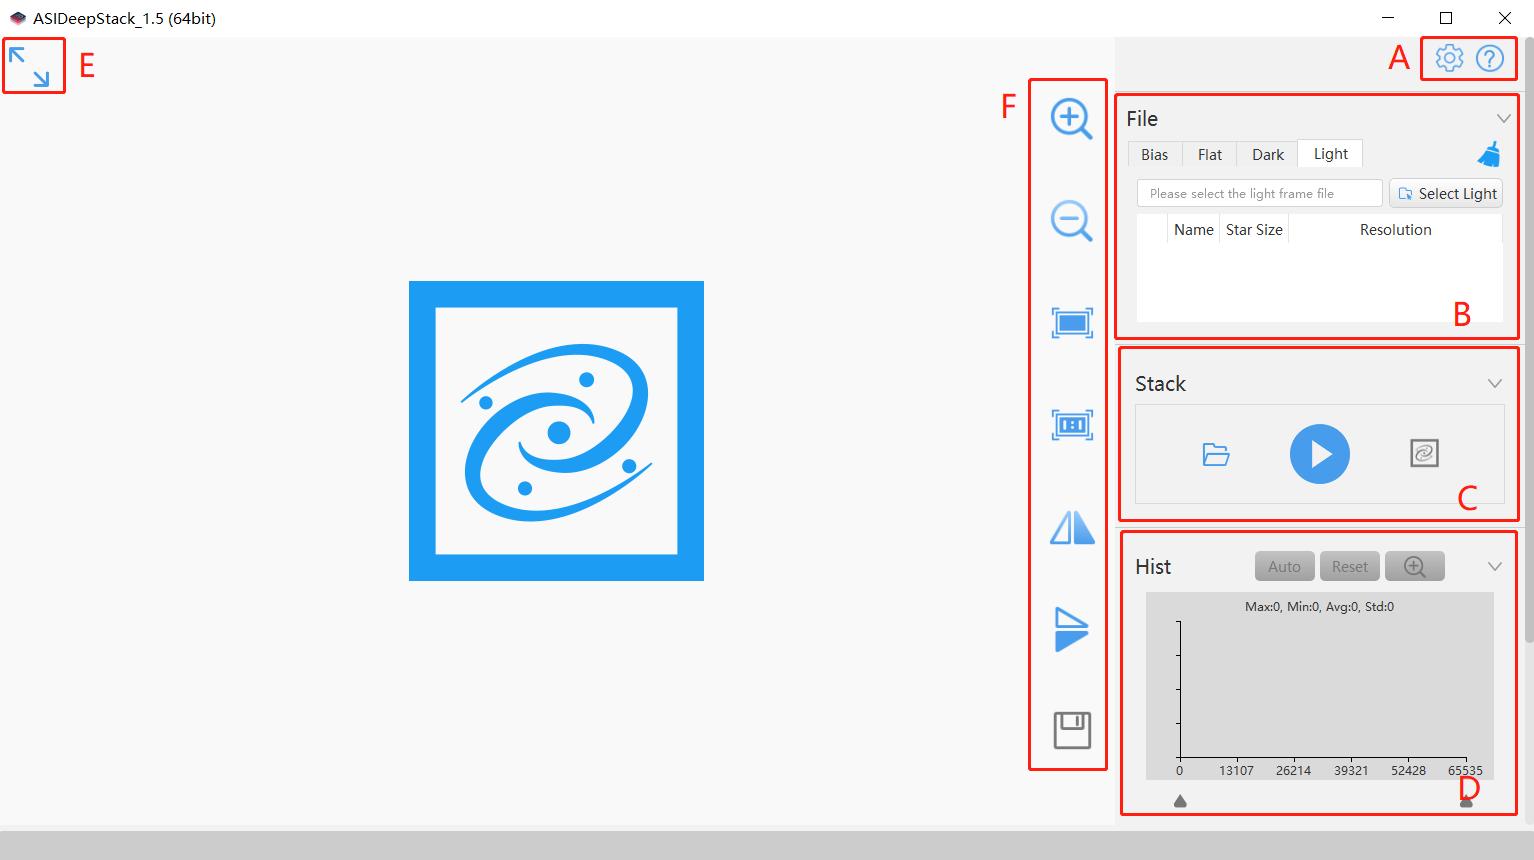 ASIDeepStack interface1